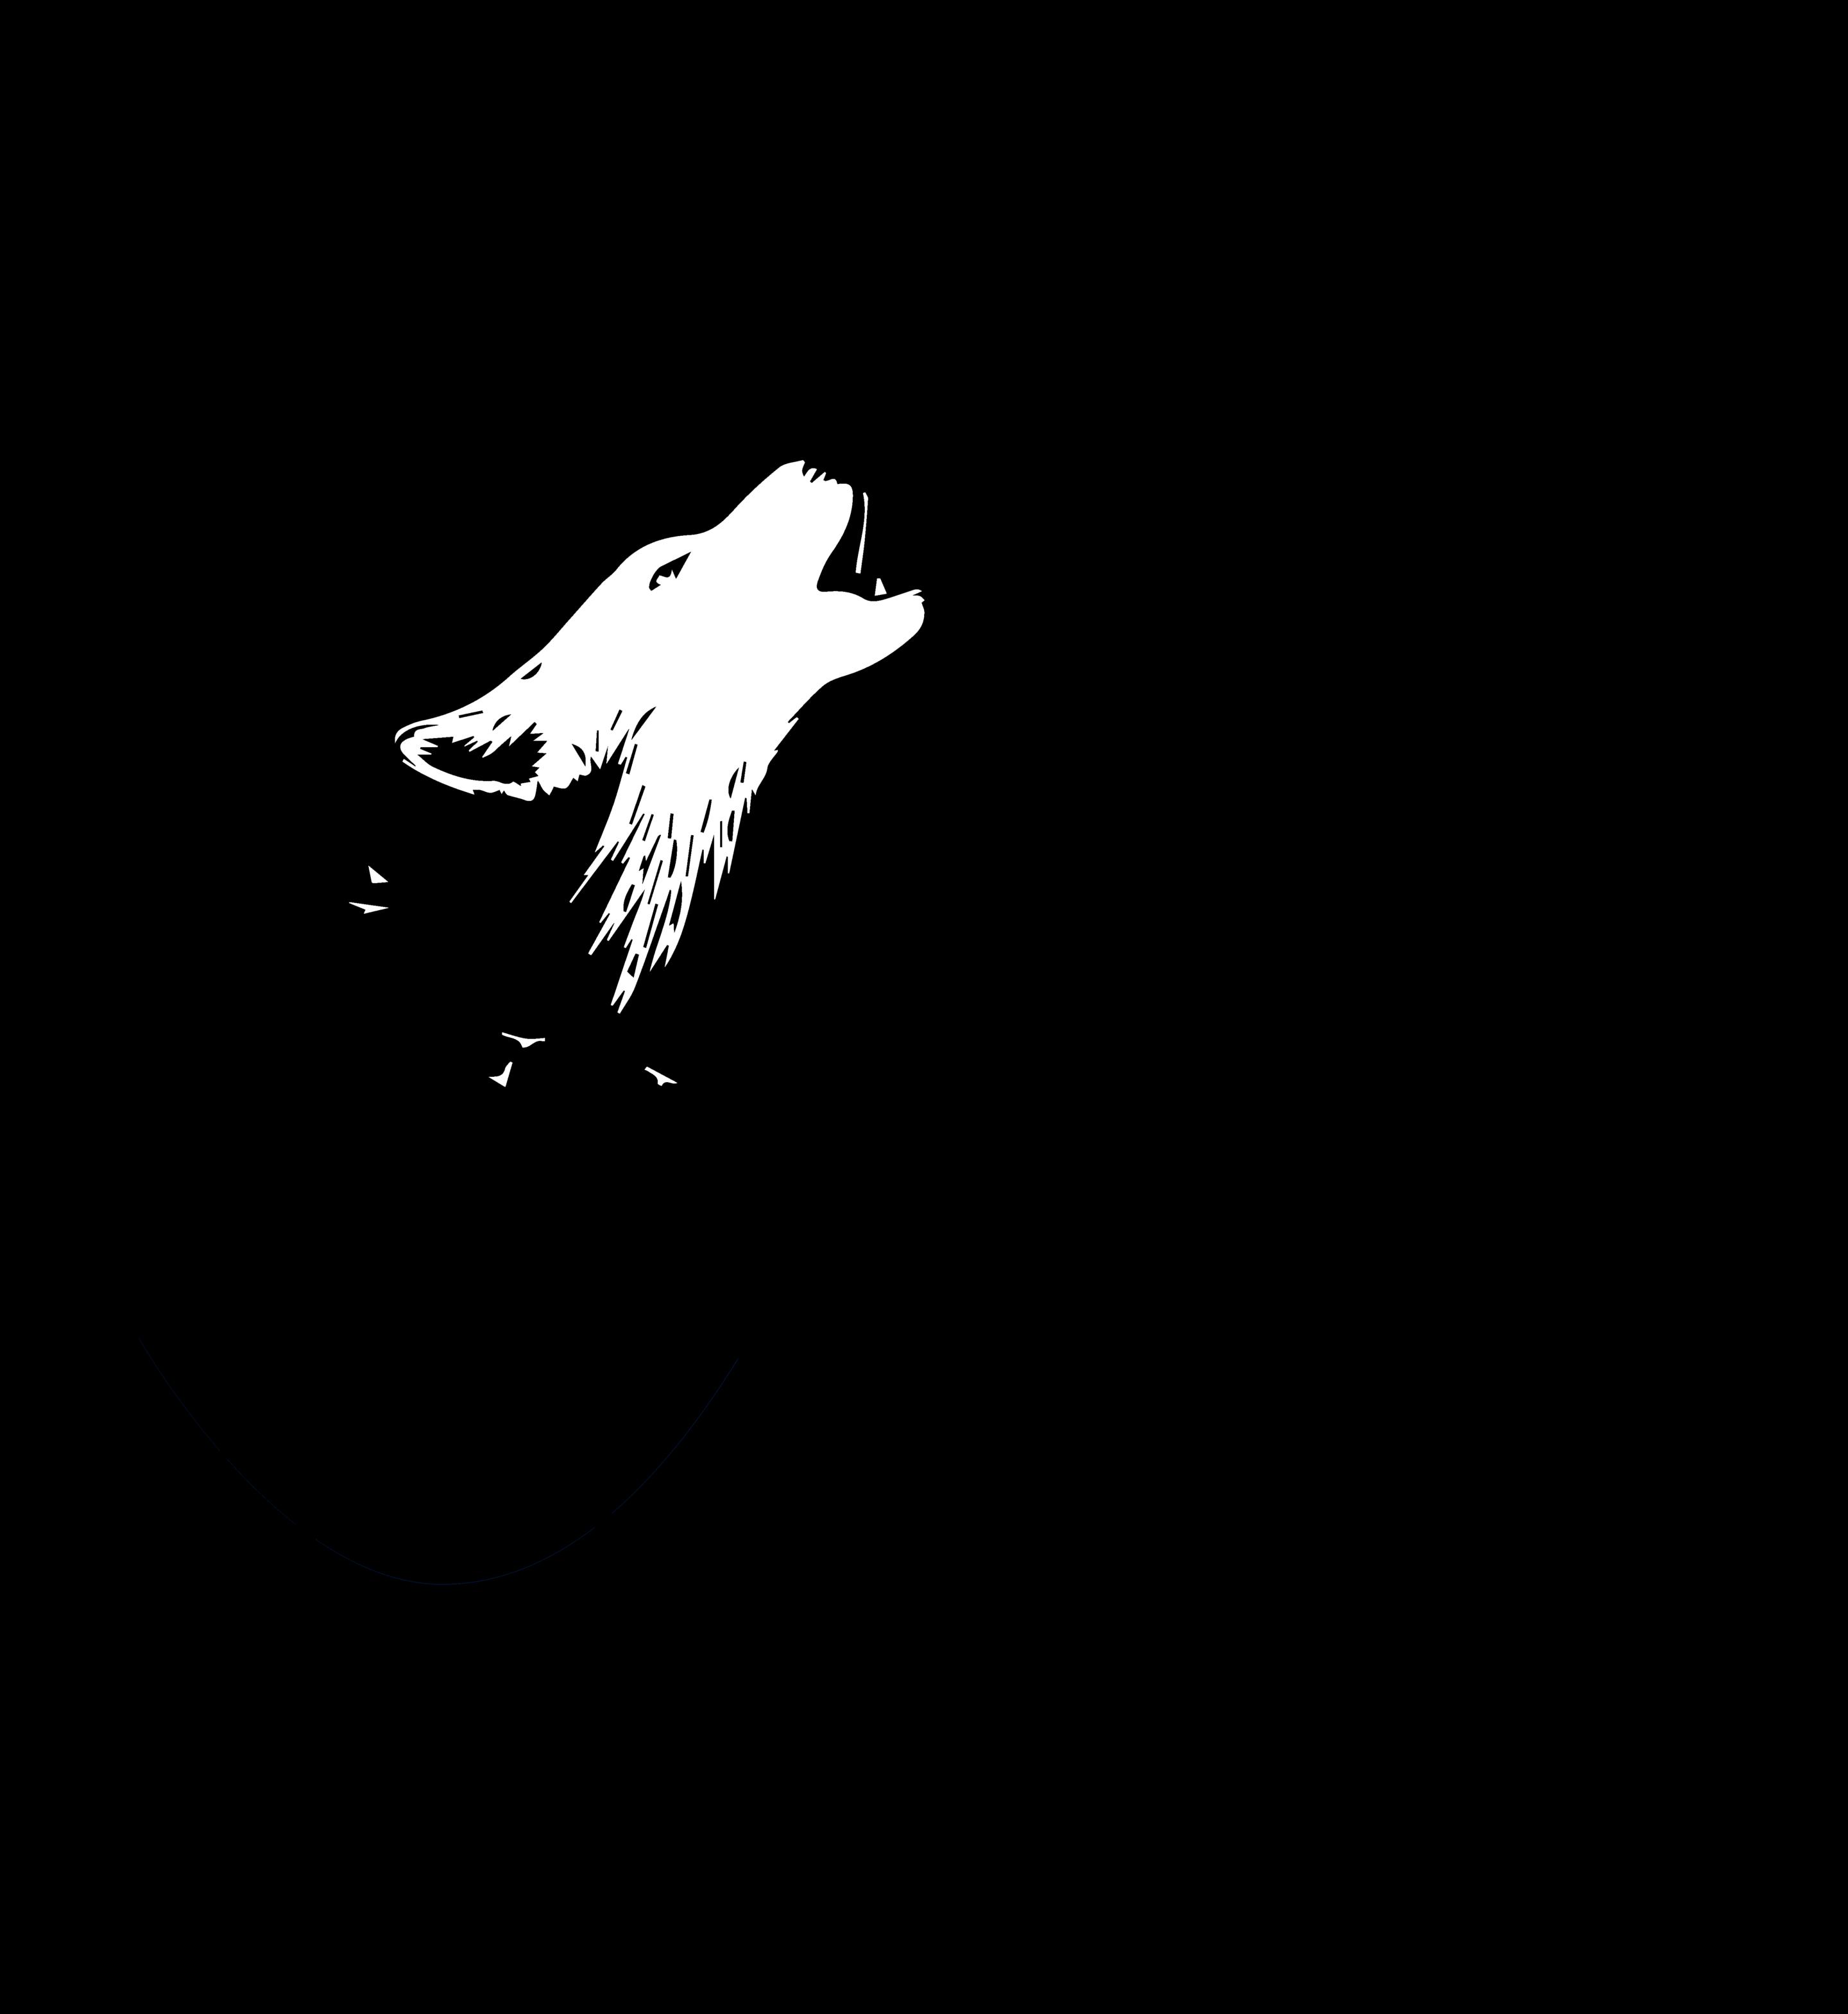 Le loup dort